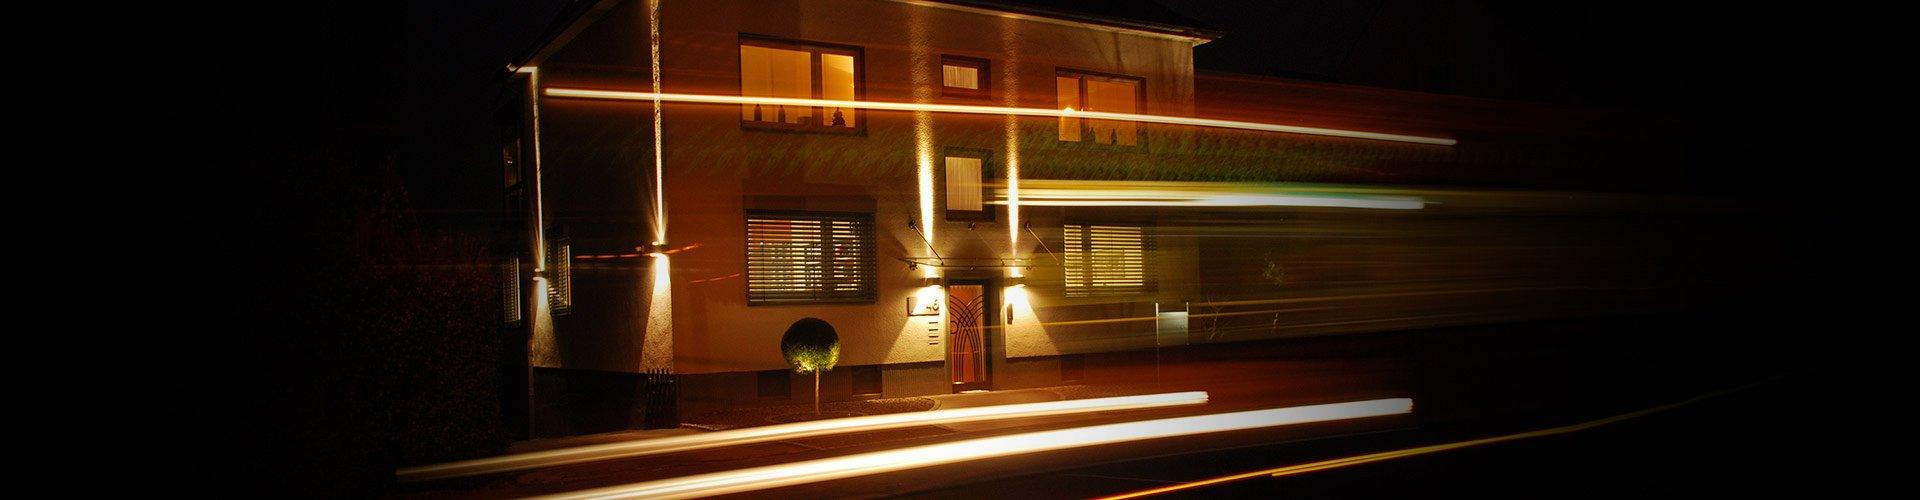 Langzeitbelichtung der Agentur bei Nacht